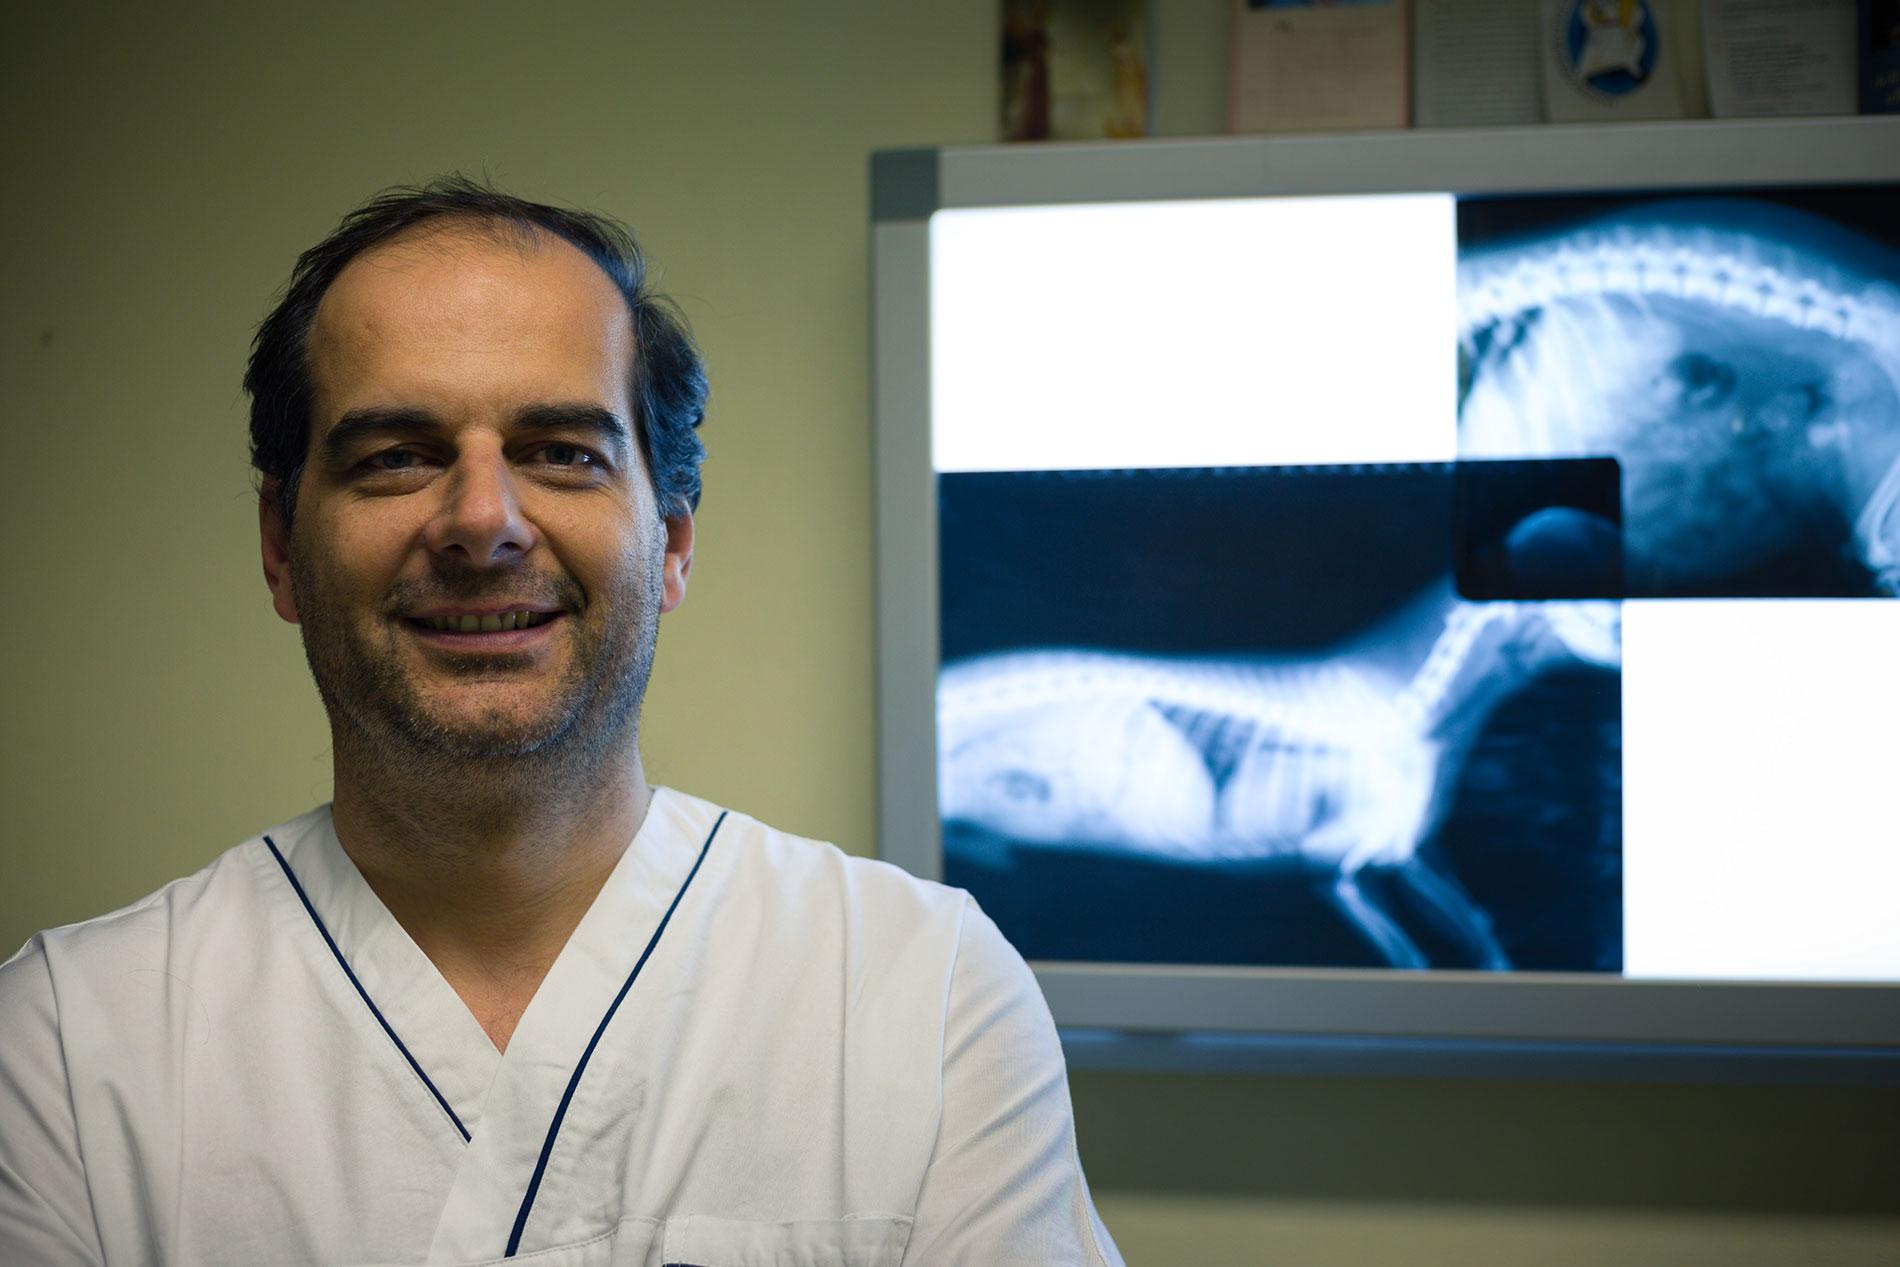 Dottor David Sacchi, Veterinario a Firenze